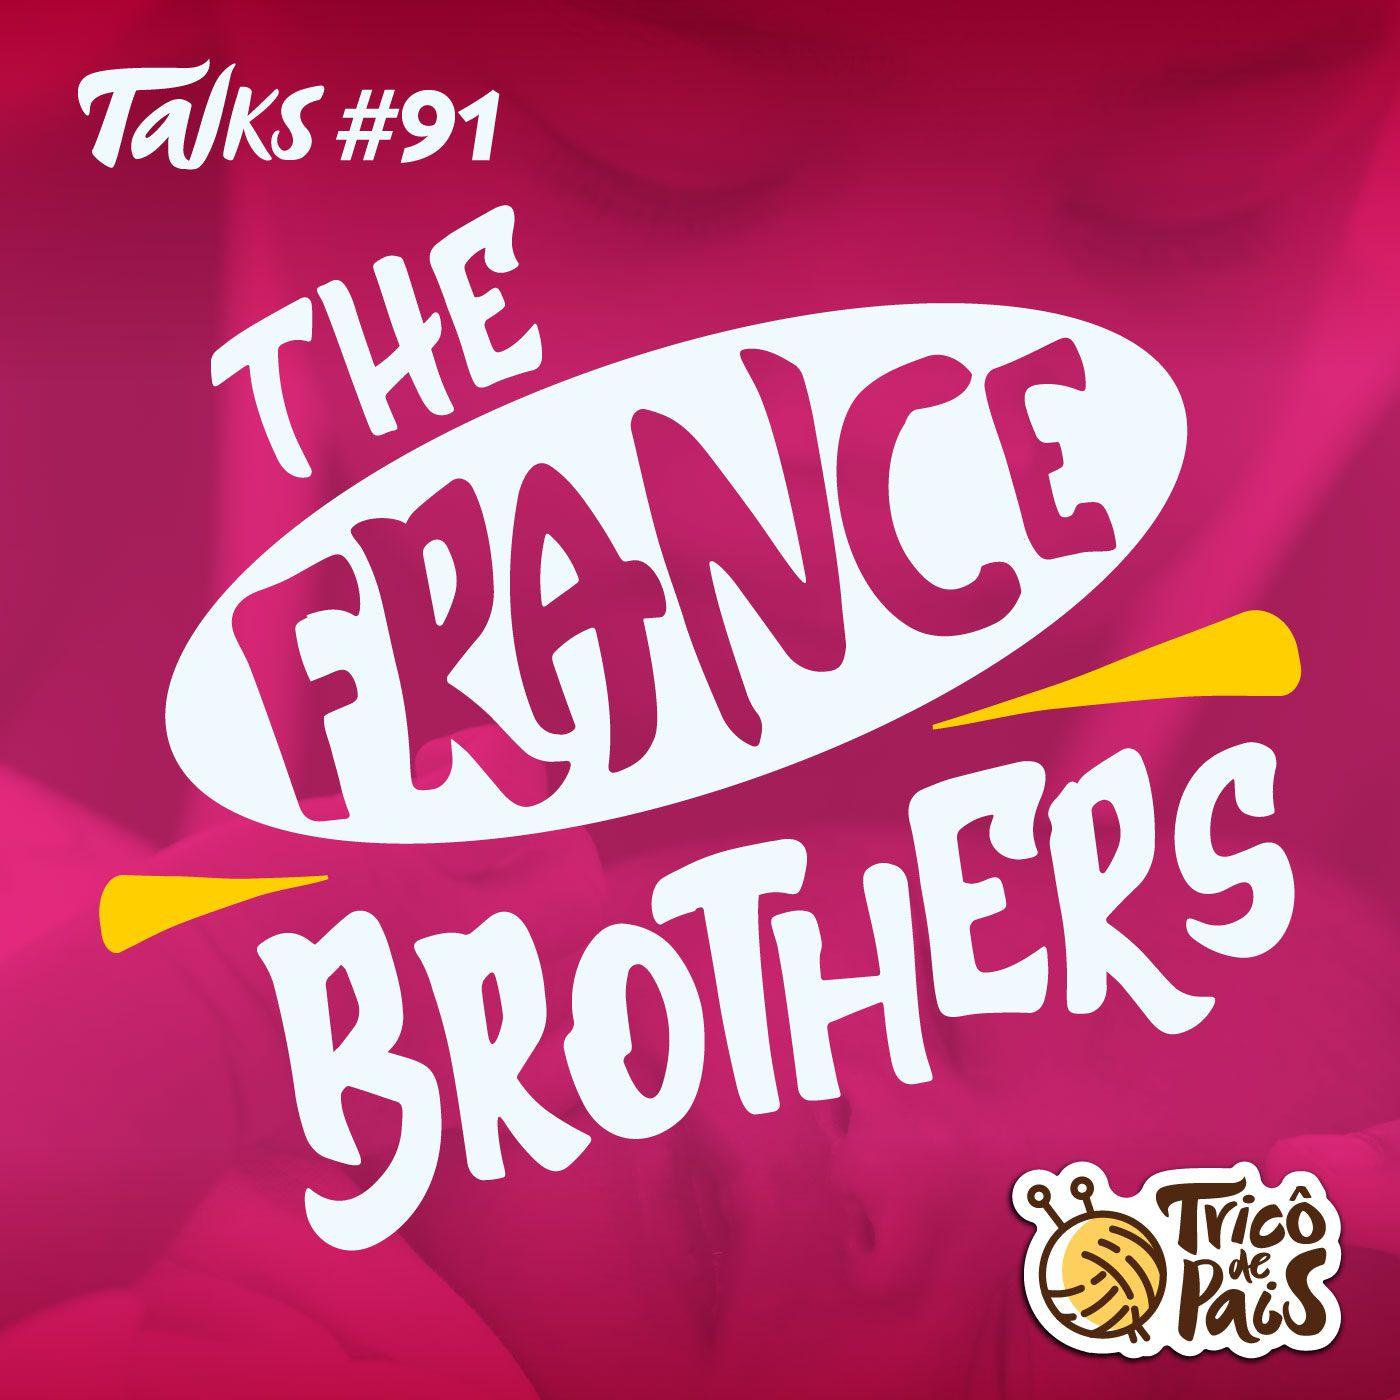 Tricô Talks 091 - The France Brothers